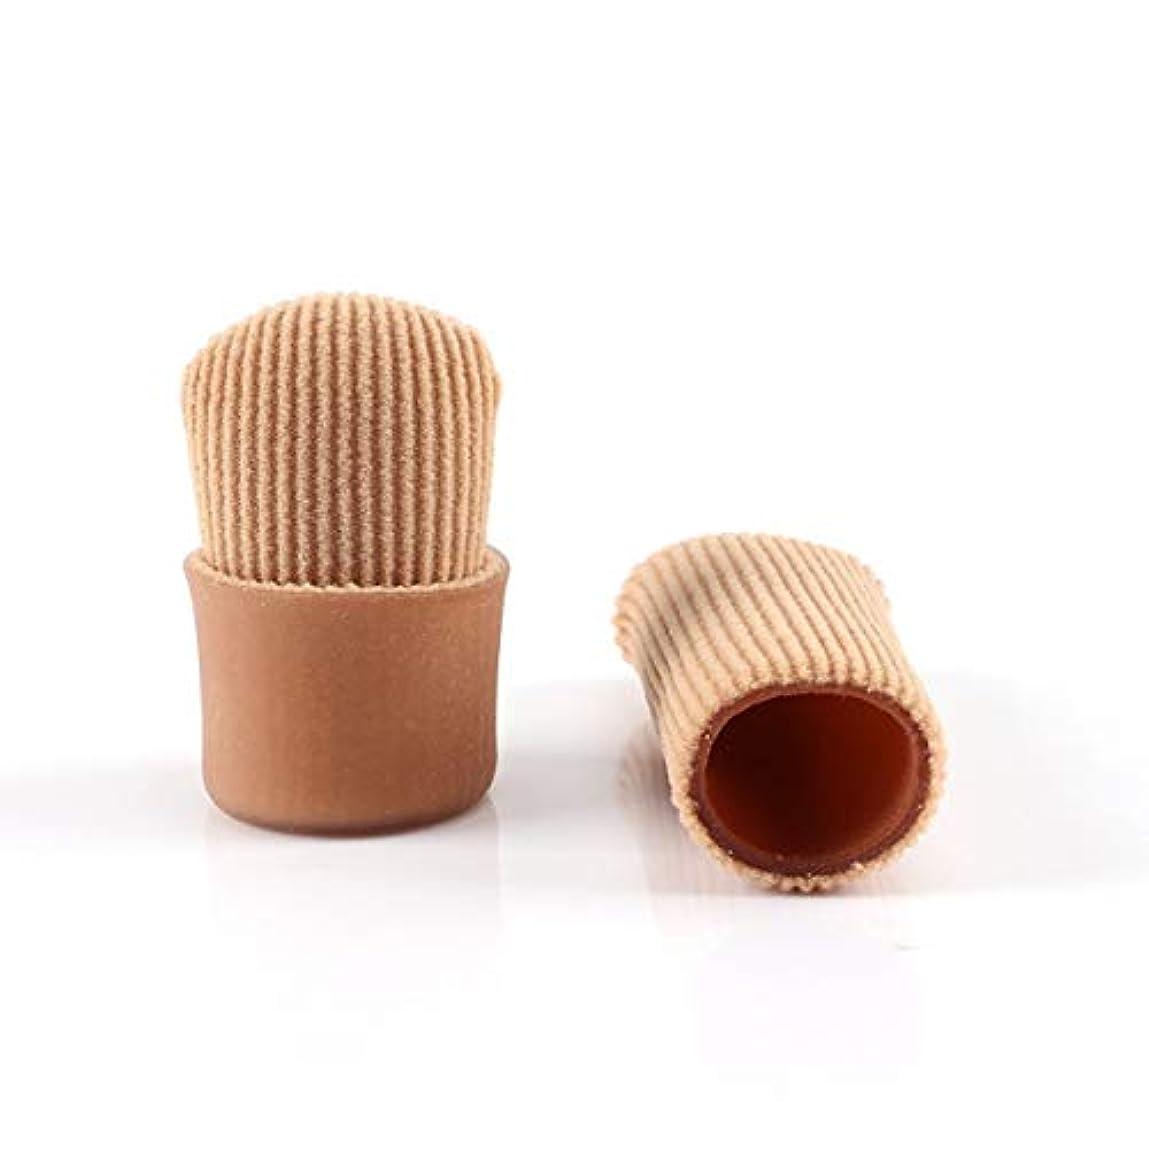 スクワイア才能のあるメタルラインOpen Toe Tubes Gel Lined Fabric Sleeve Protectors To Prevent Corns, Calluses And Blisters While Softening Soothing...